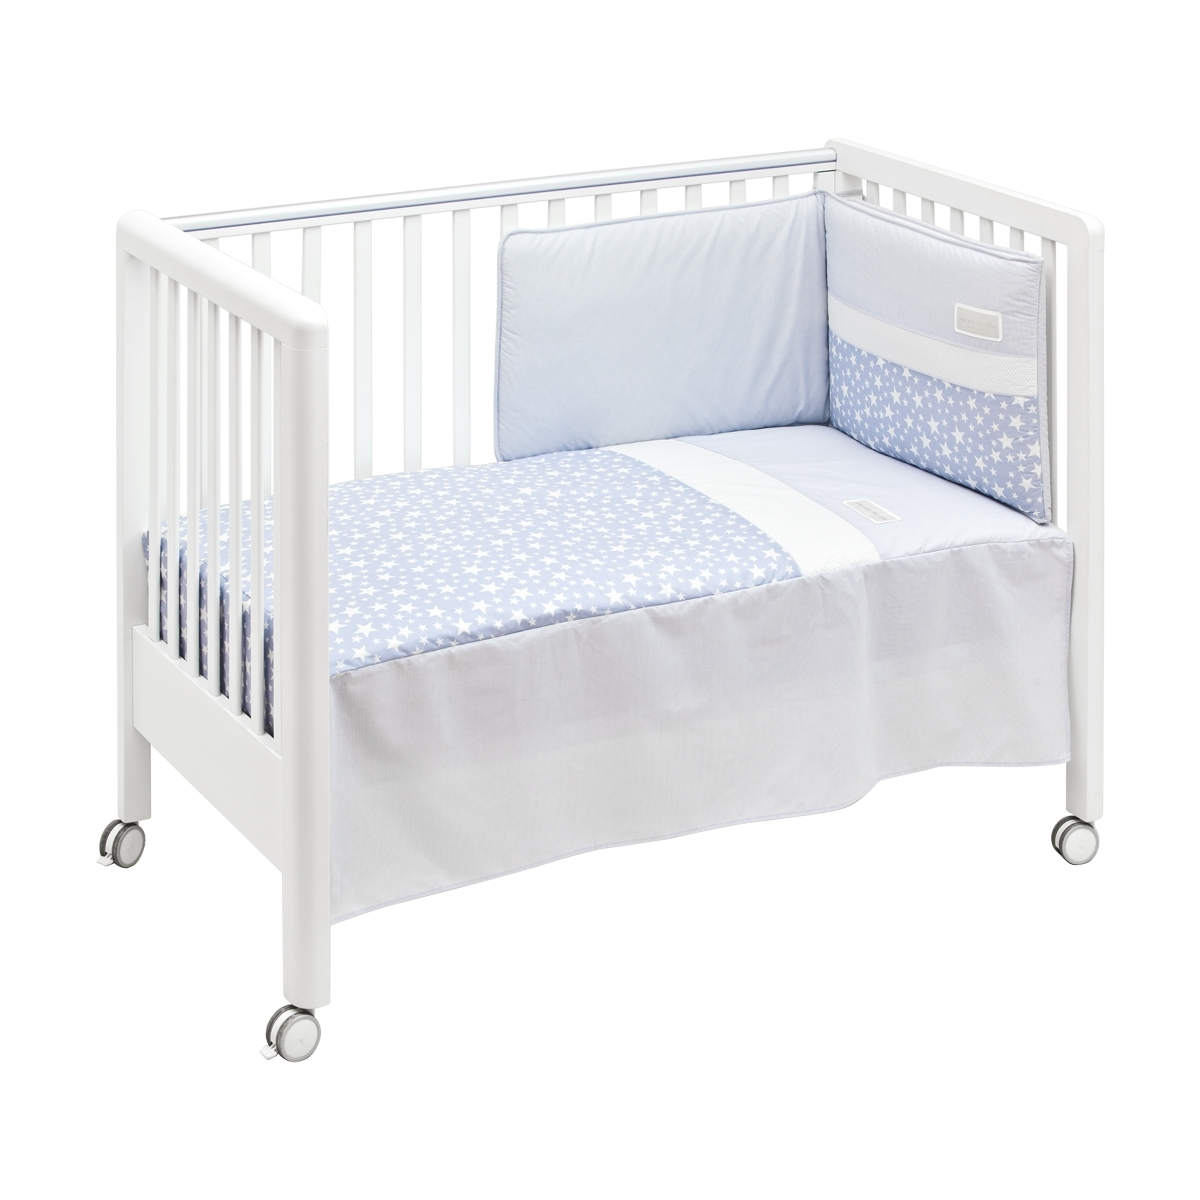 Ensemble dessu de lit tour de lit stela 60x120 cm baby - Ensemble de lit ...